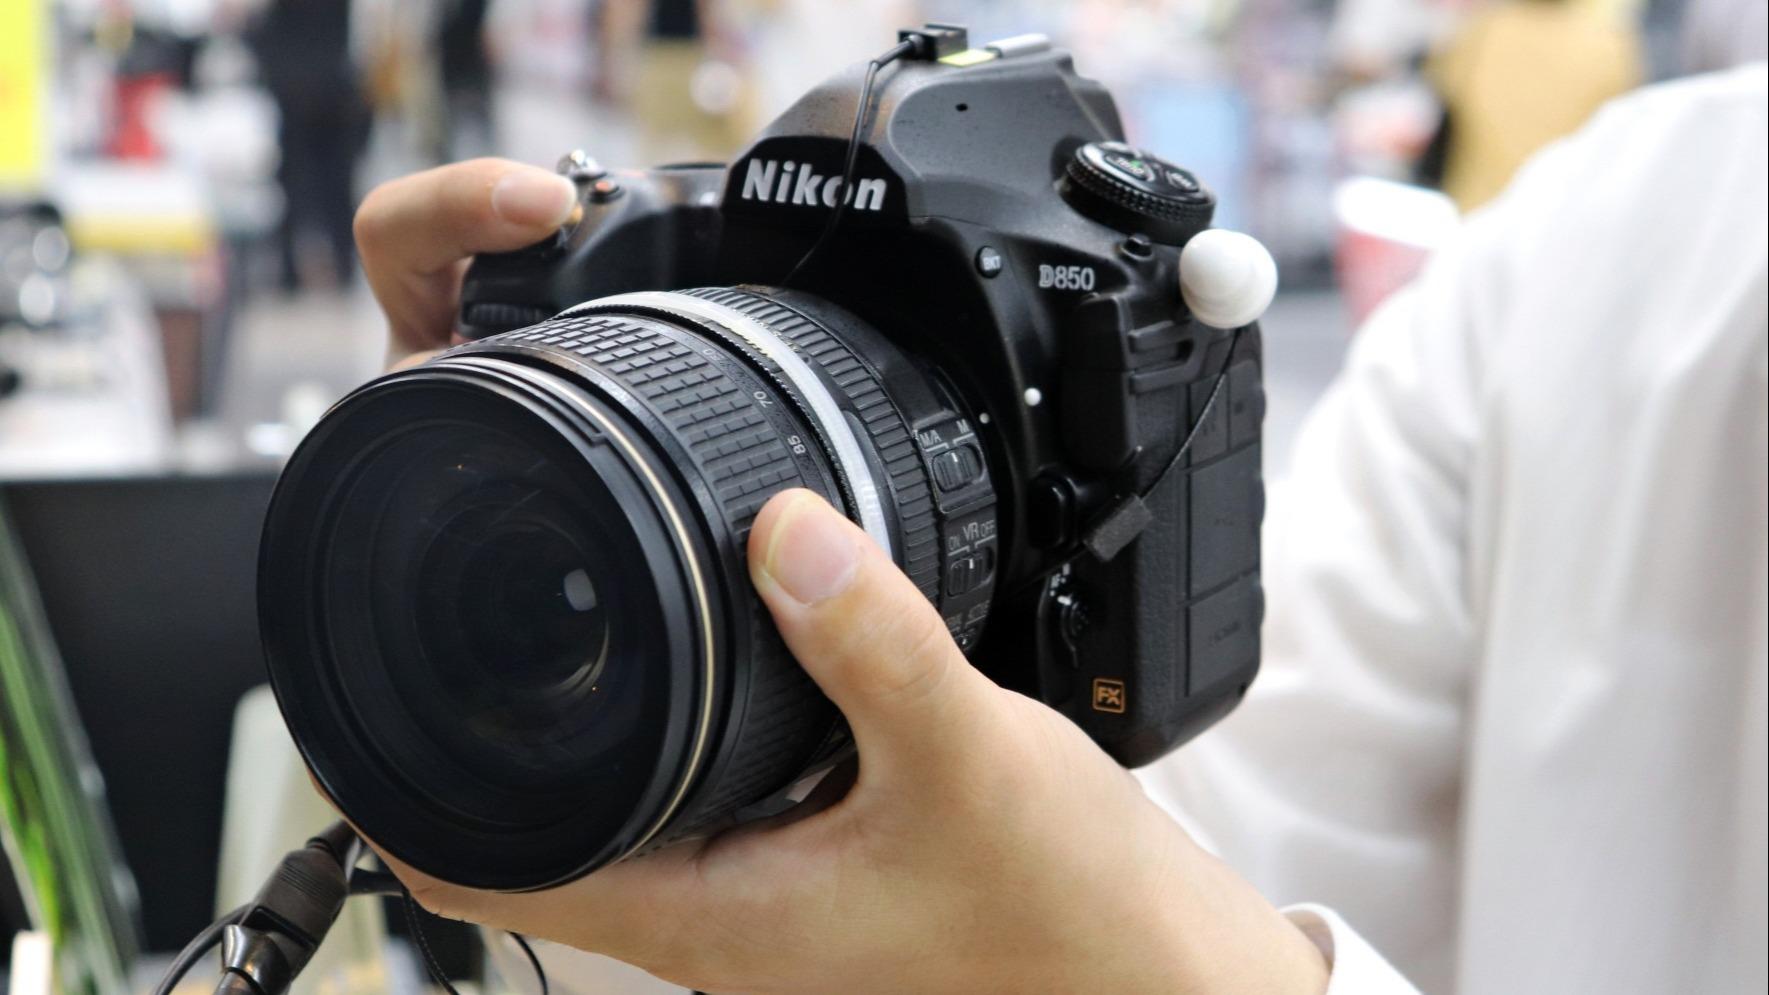 Comment contacter Nikon